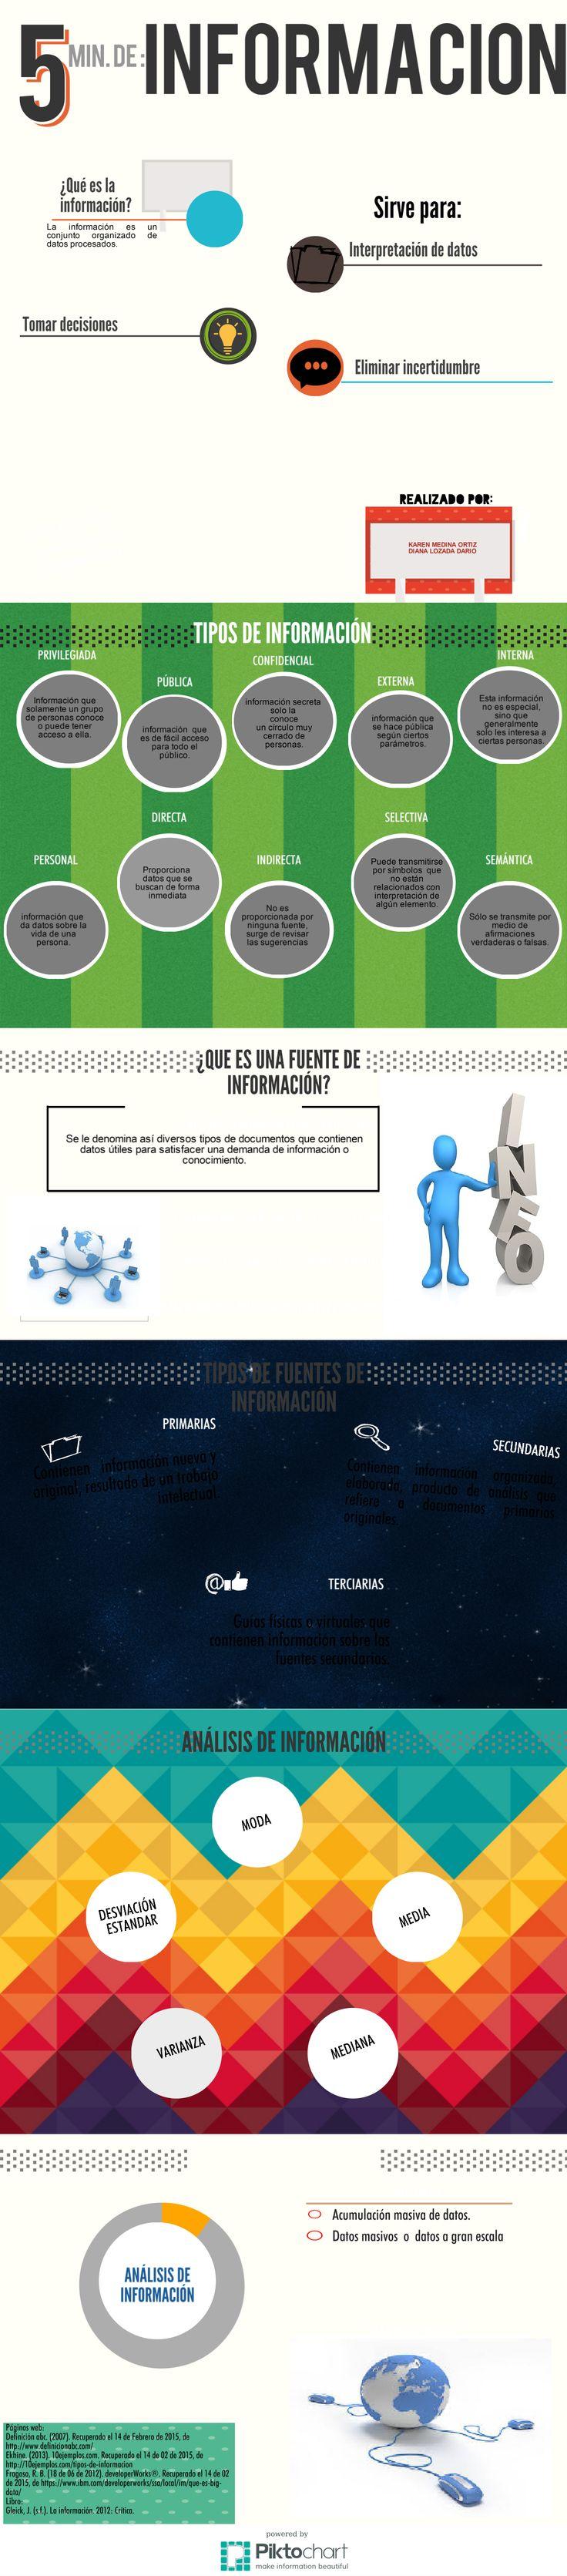 Infografía de Información. Creada por Karen N. Medina Ortiz y Diana J. Lozada Darío